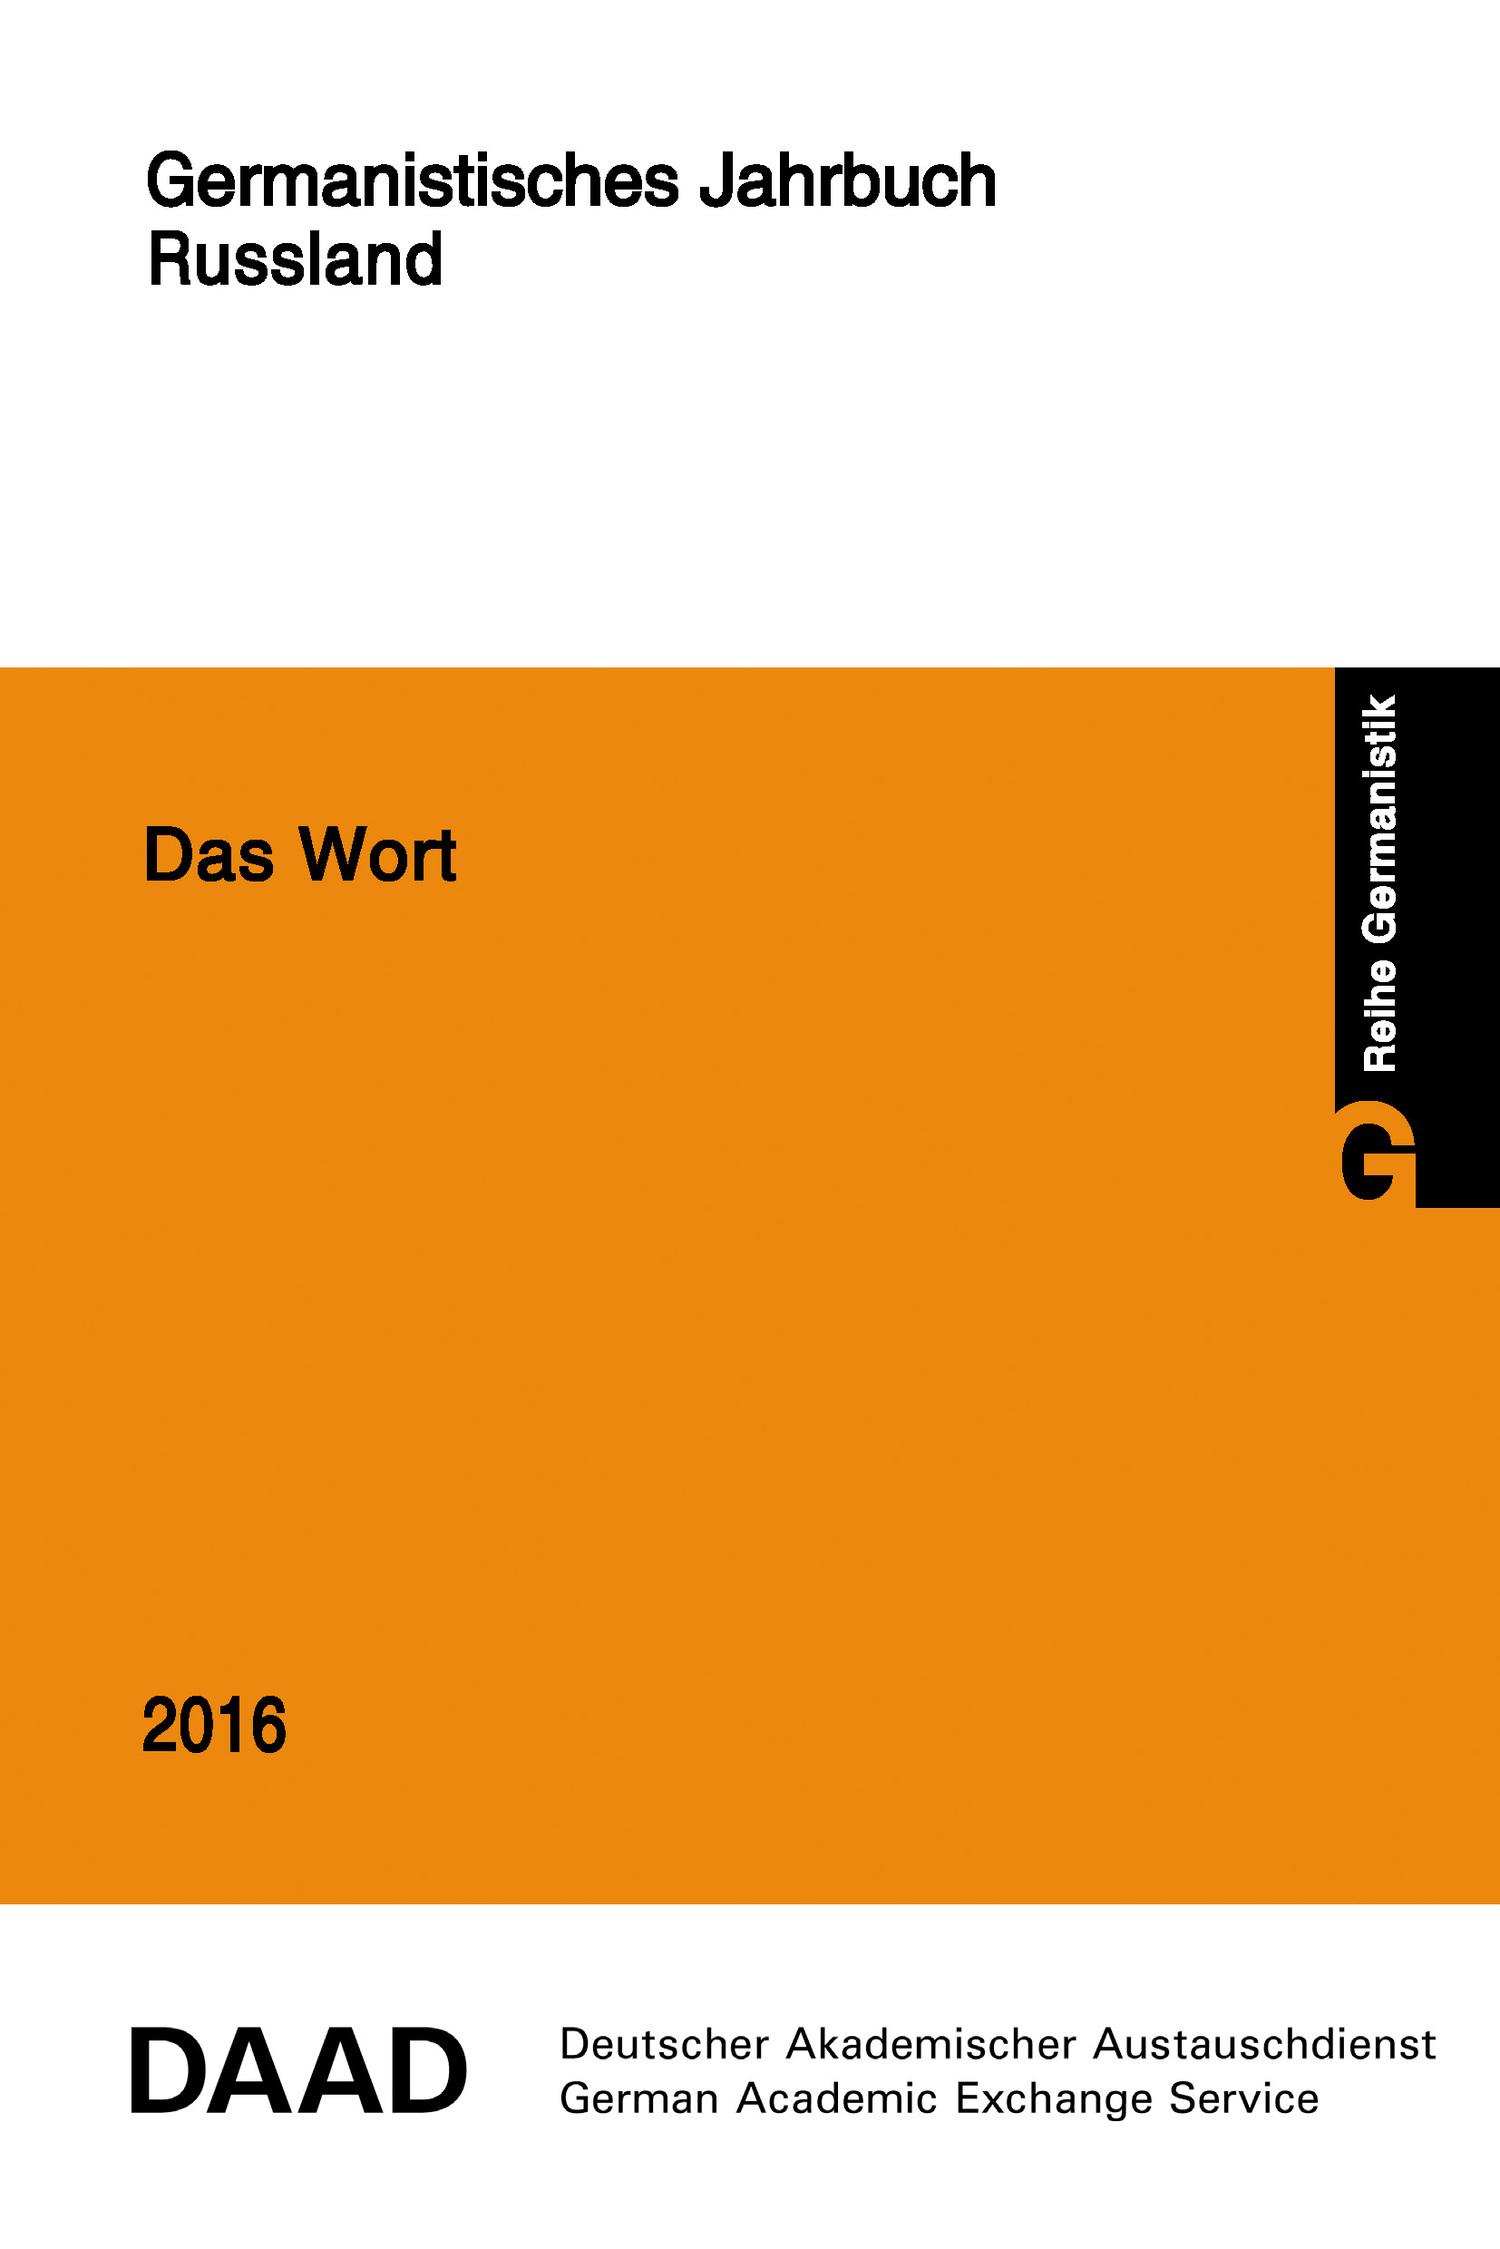 Коллектив авторов Das Wort. Germanistisches Jahrbuch Russland 2016